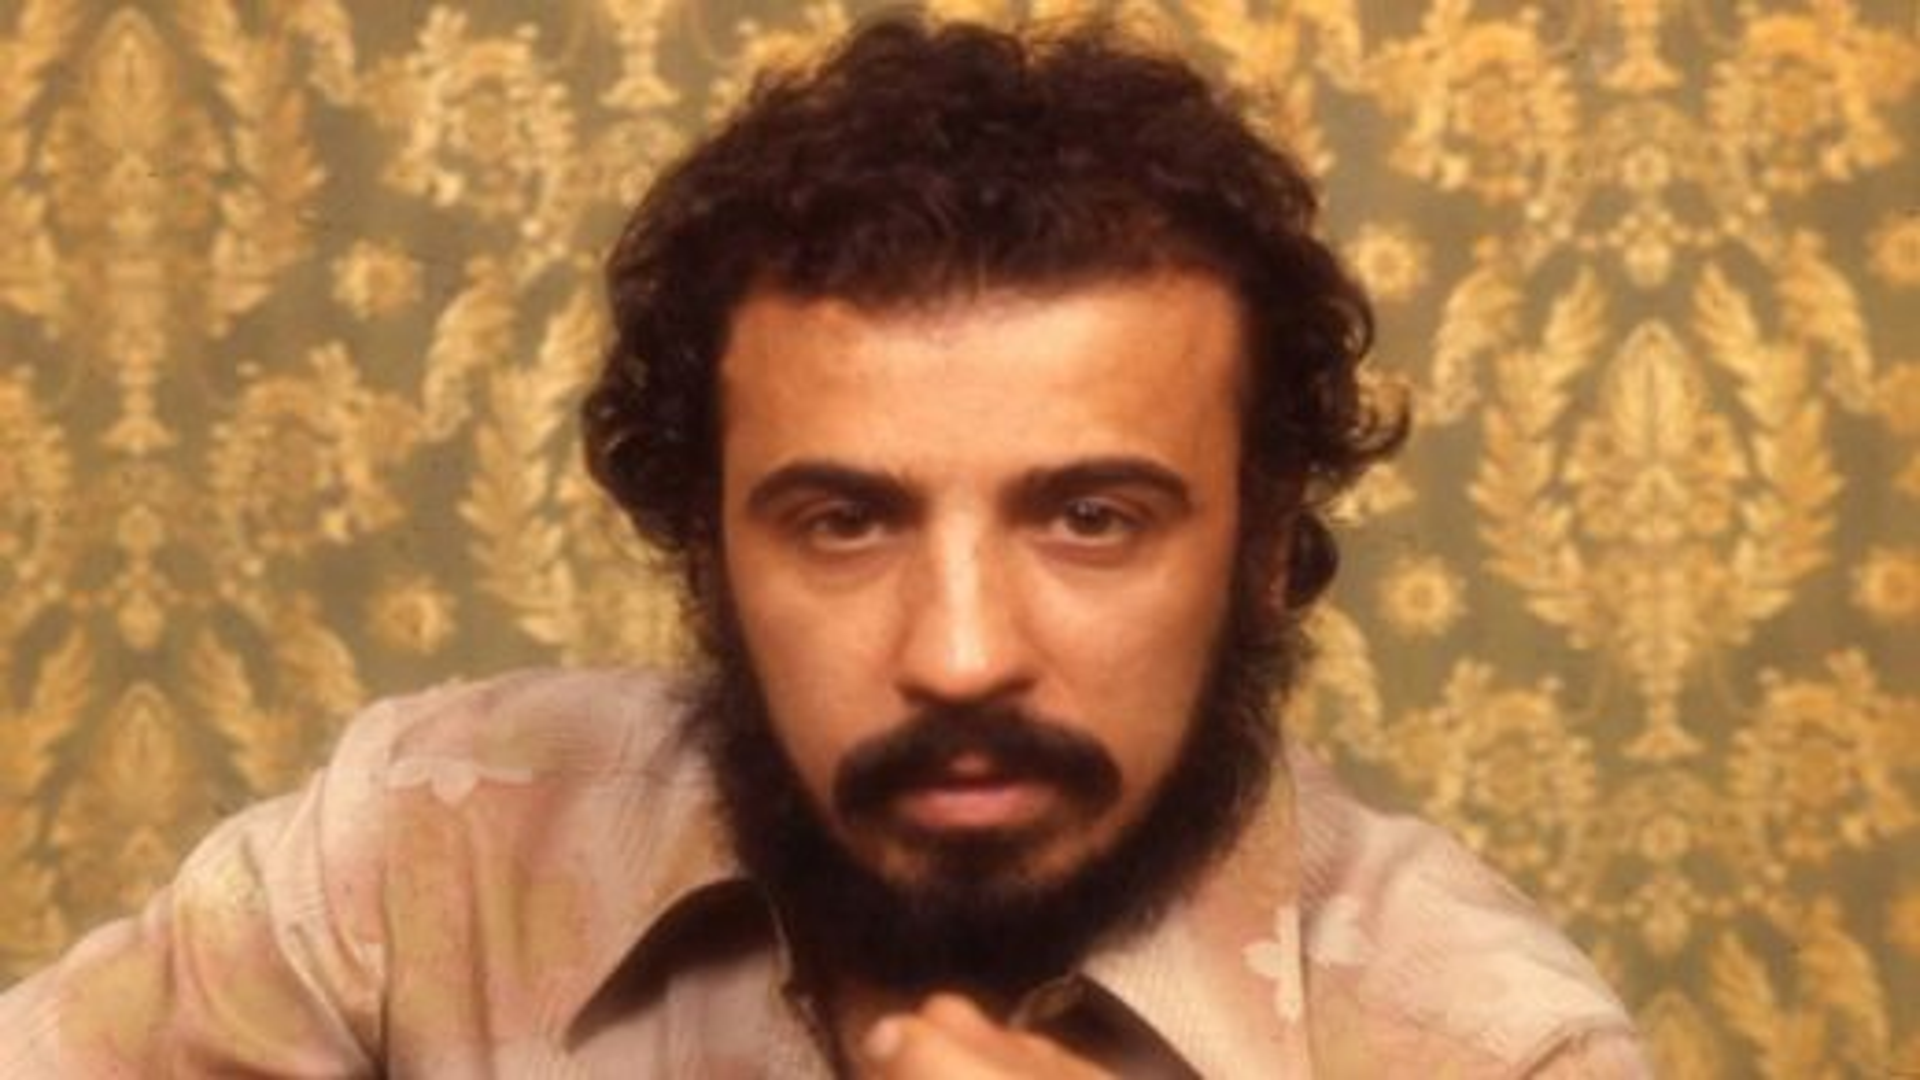 علی حاتمی | تگ